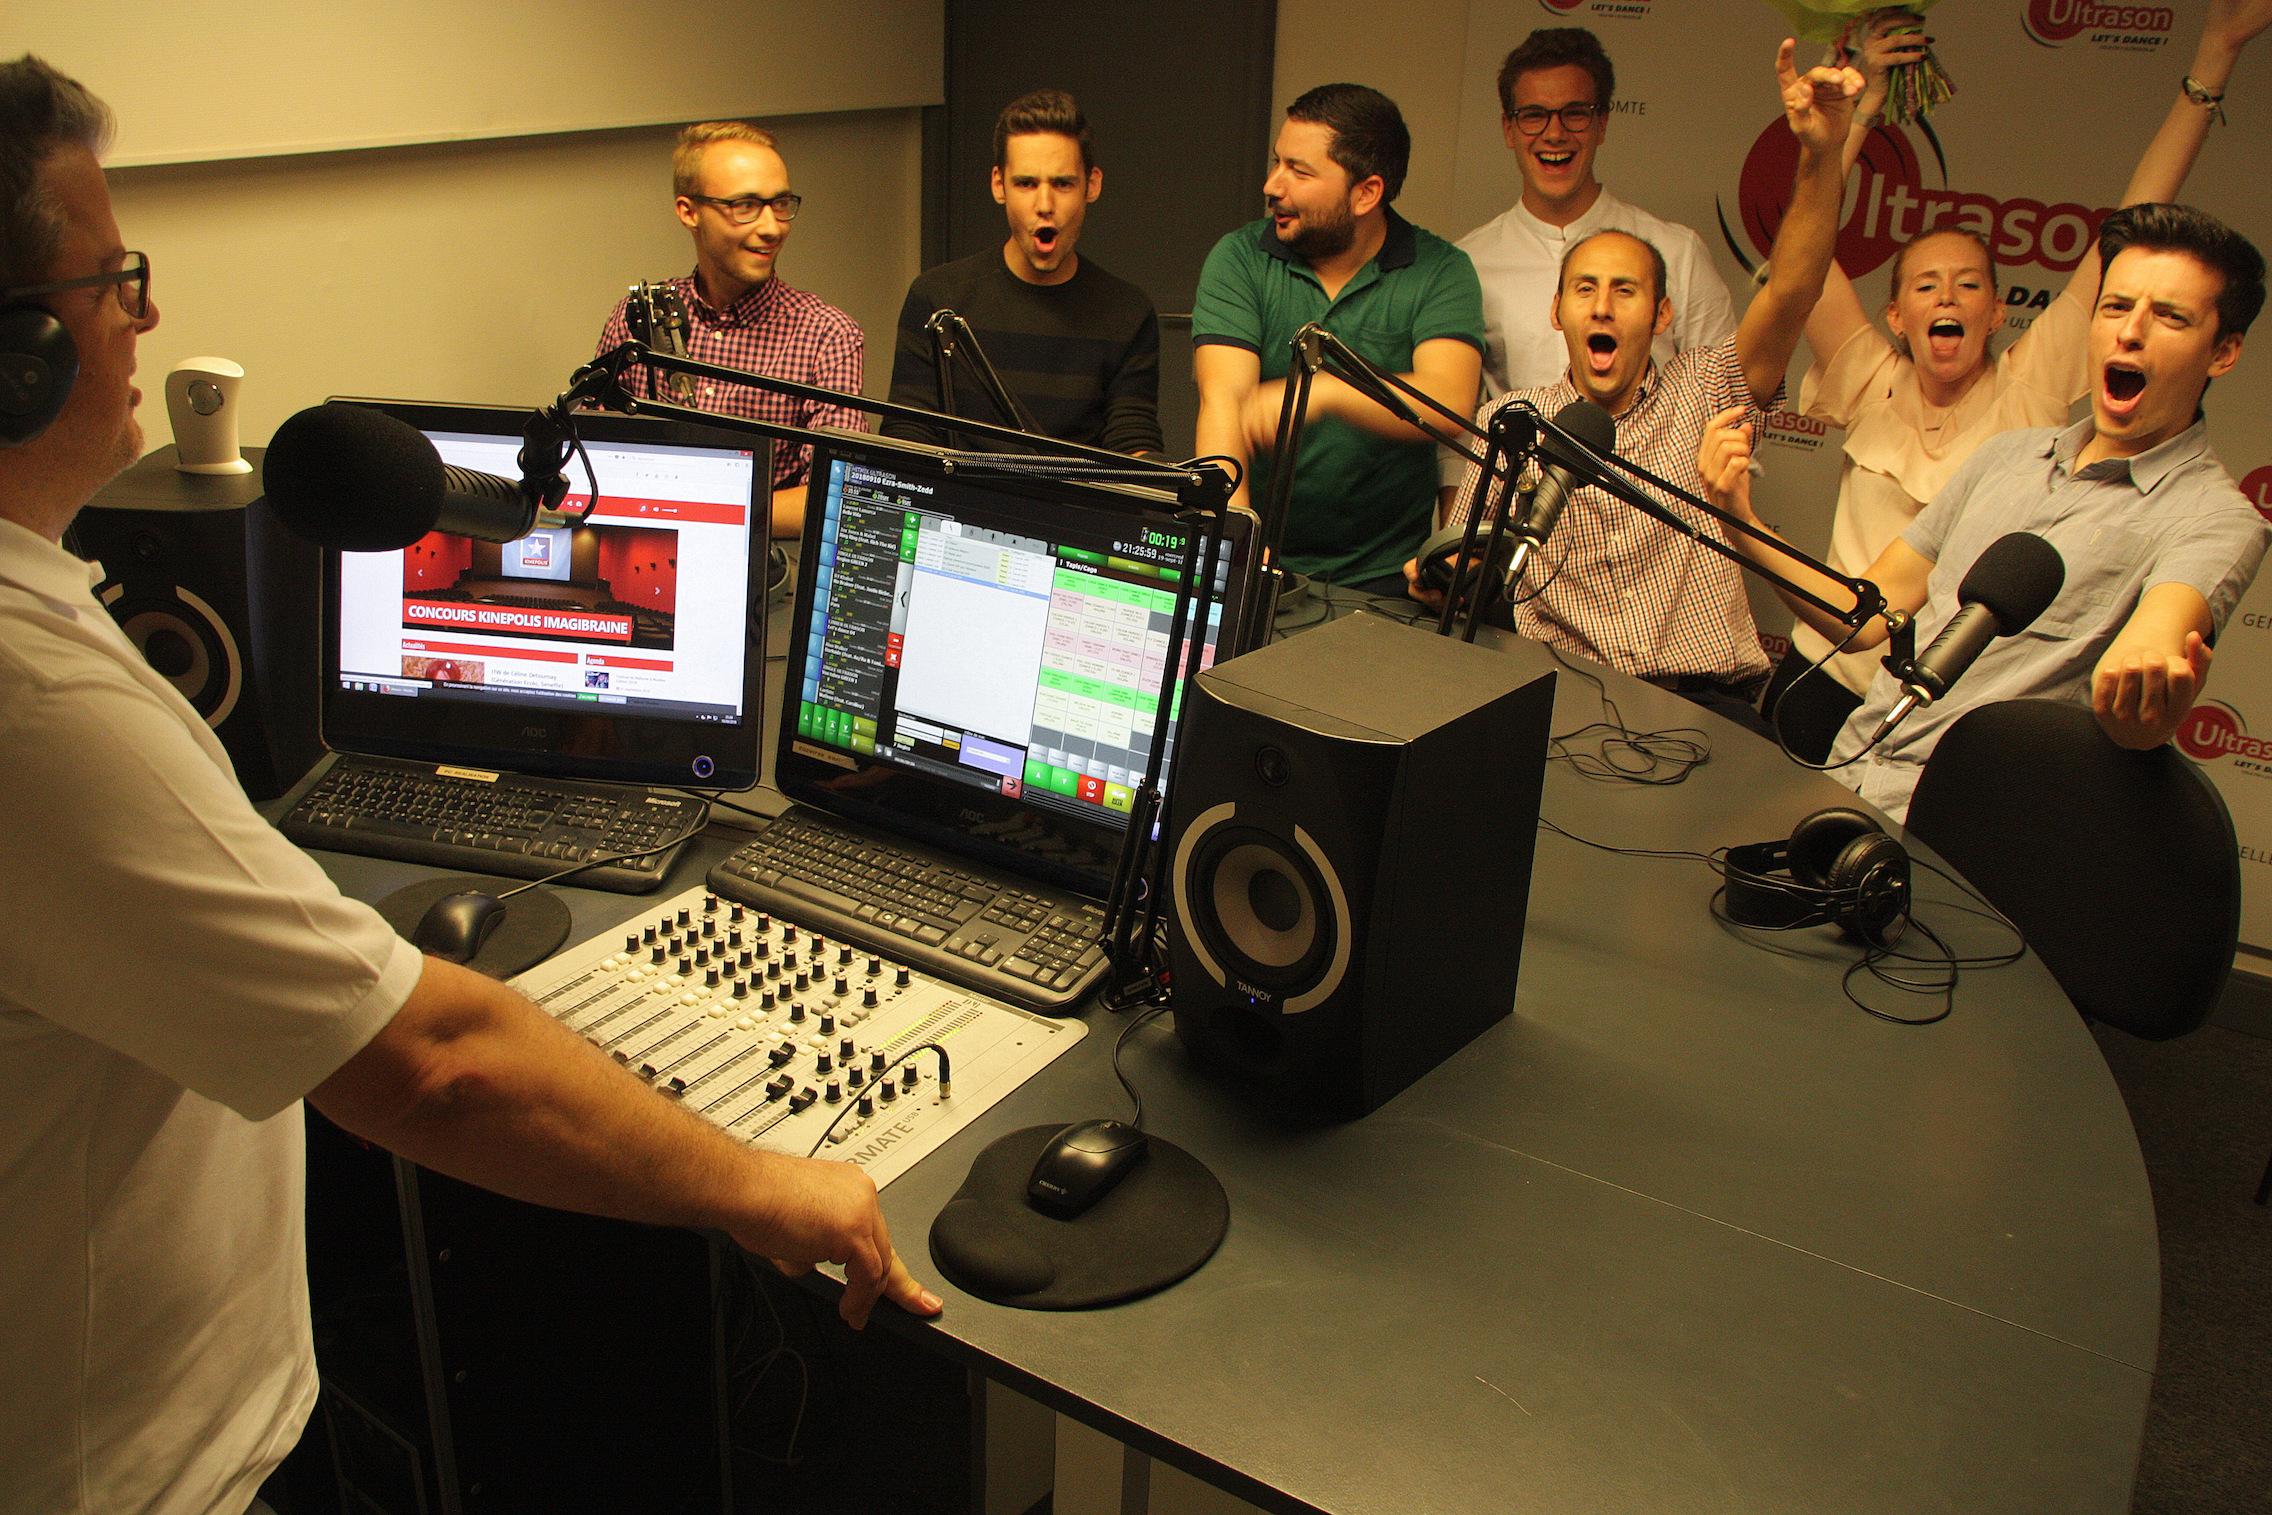 Belgique : la radio Ultrason a pris possession de ses nouveaux locaux